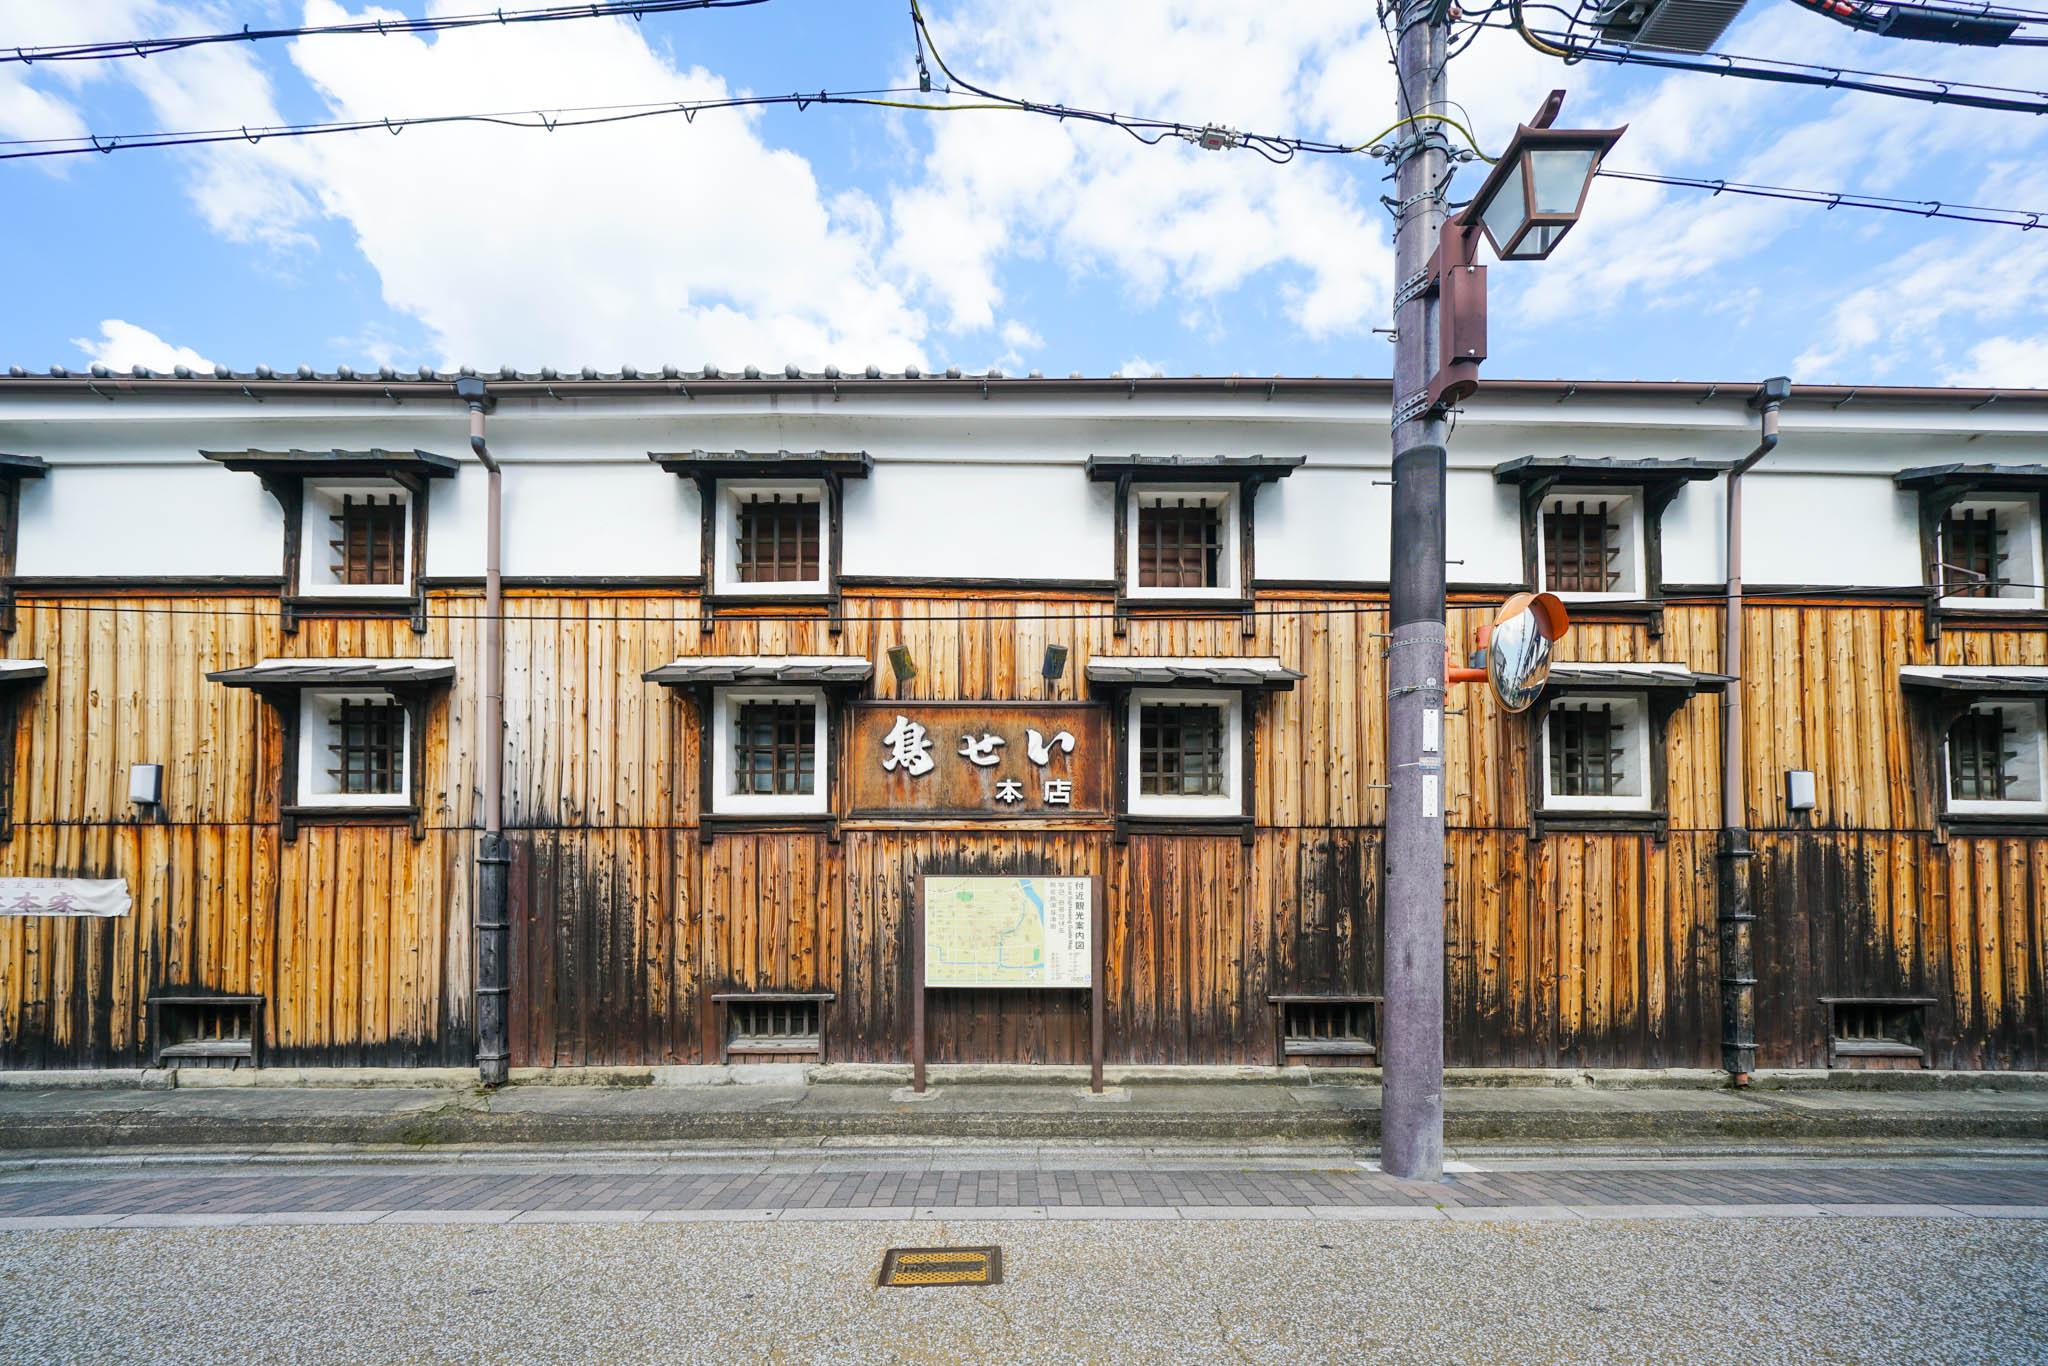 京都 / Day3 / 伏見で酒造見学 → 高台寺 →